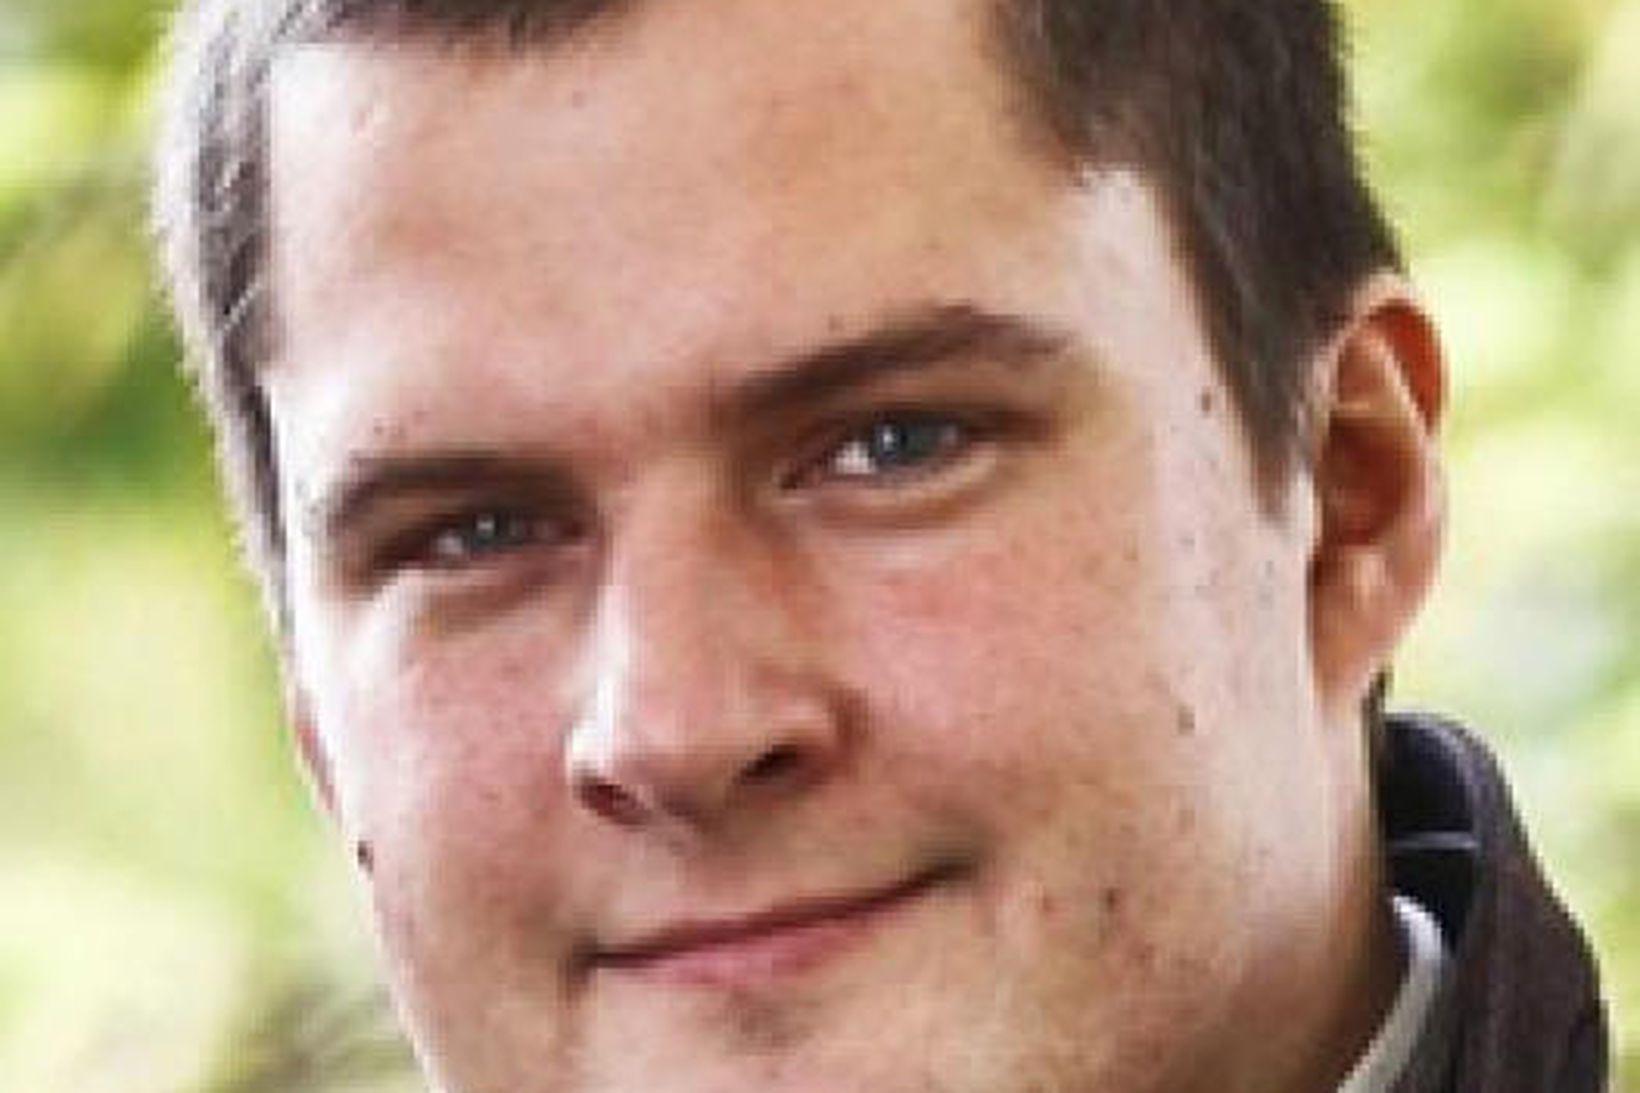 Pawel Bartoszek, stærðfræðingur og pistlahöfundur.